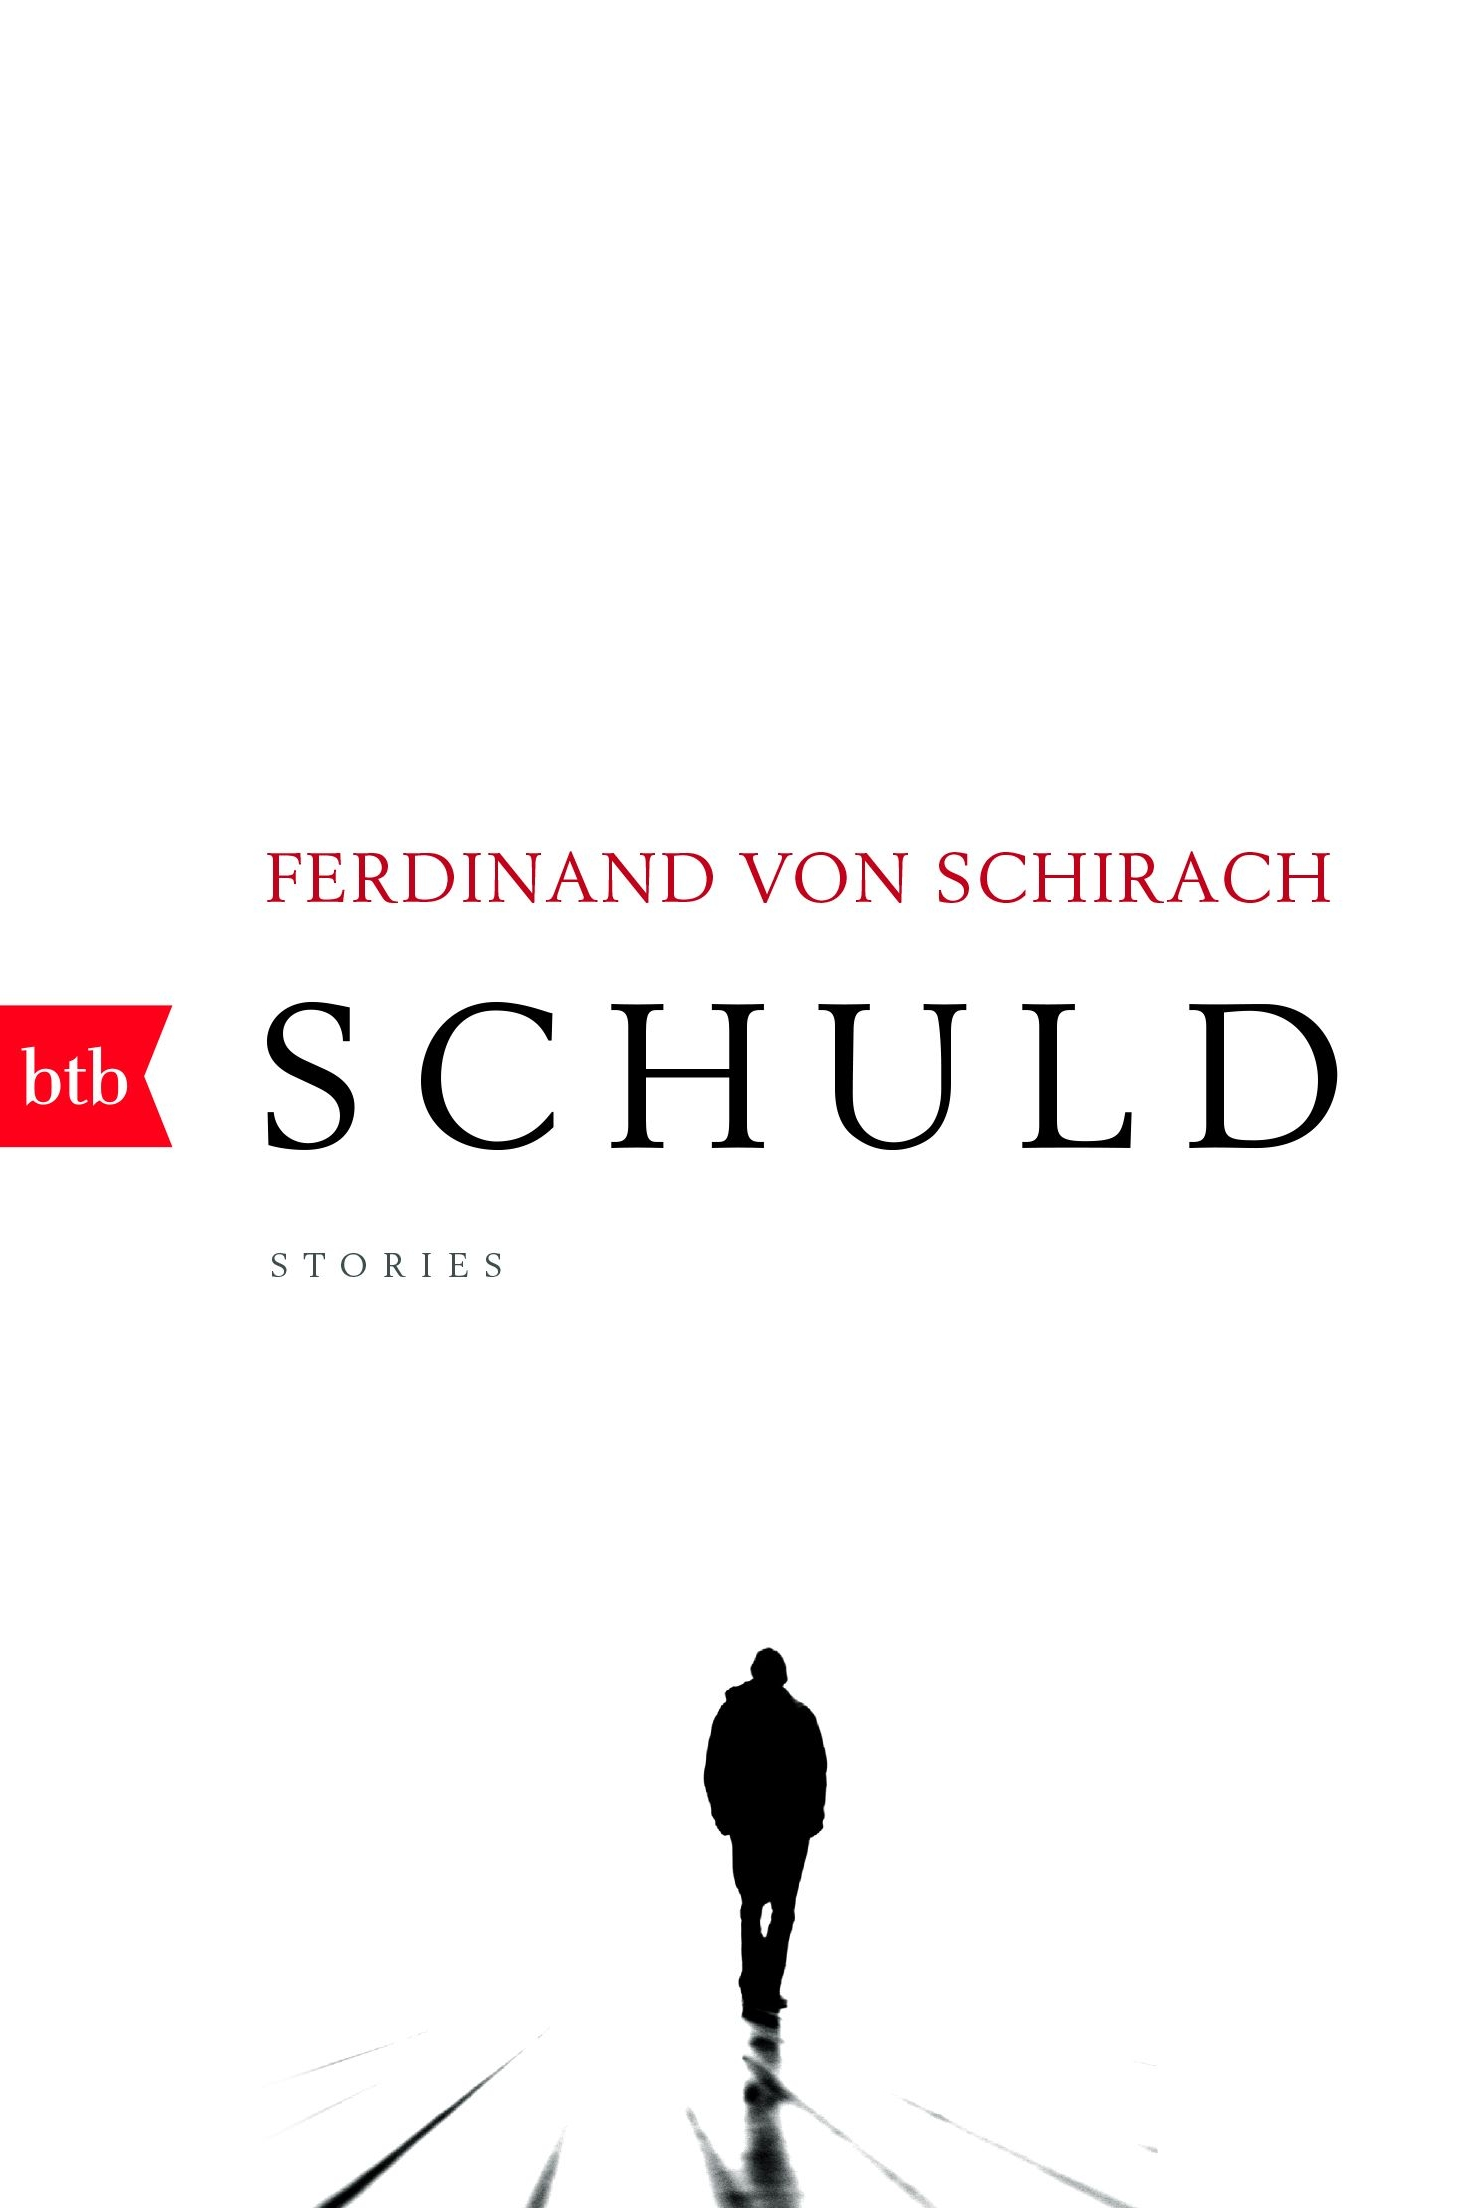 Schuld - Ferdinand von Schirachbtb Verlag / February 2017